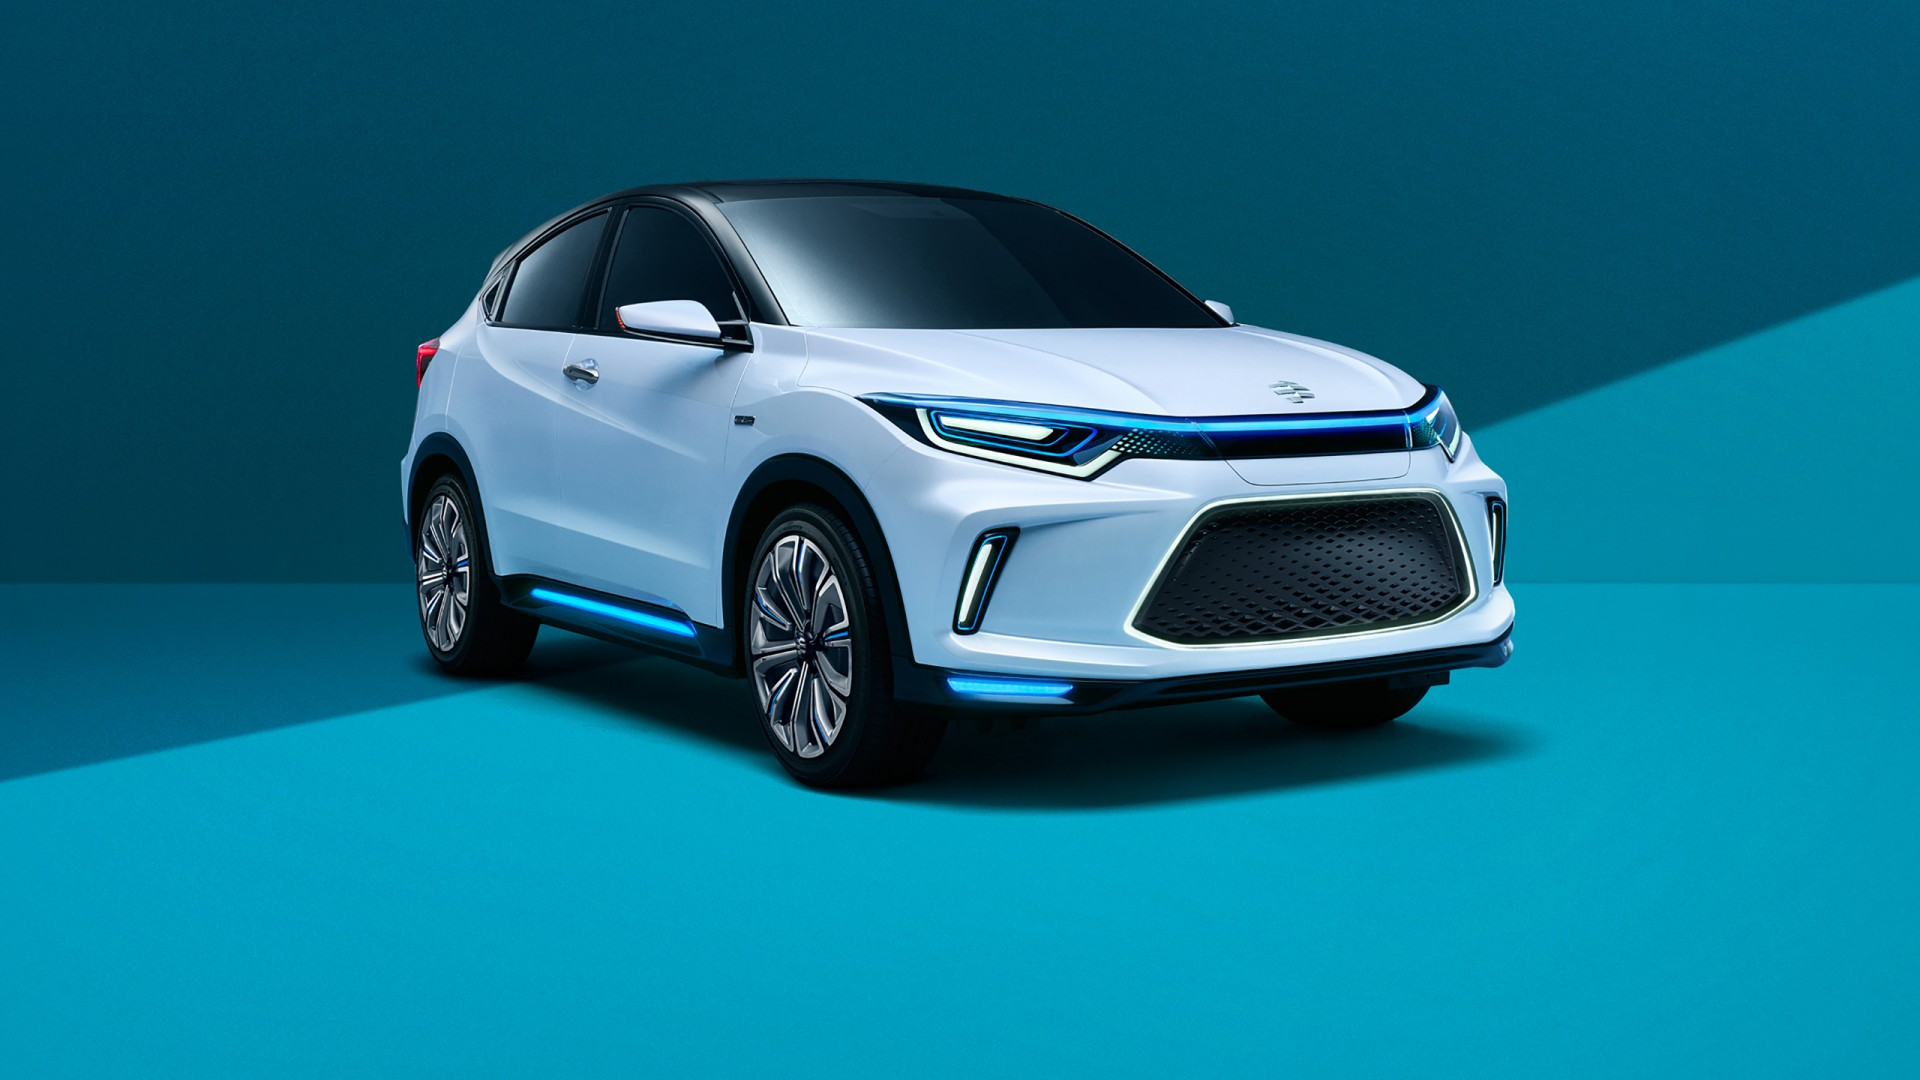 2018 Honda Everus EV Concept Wallpaper | HD Car Wallpapers ...